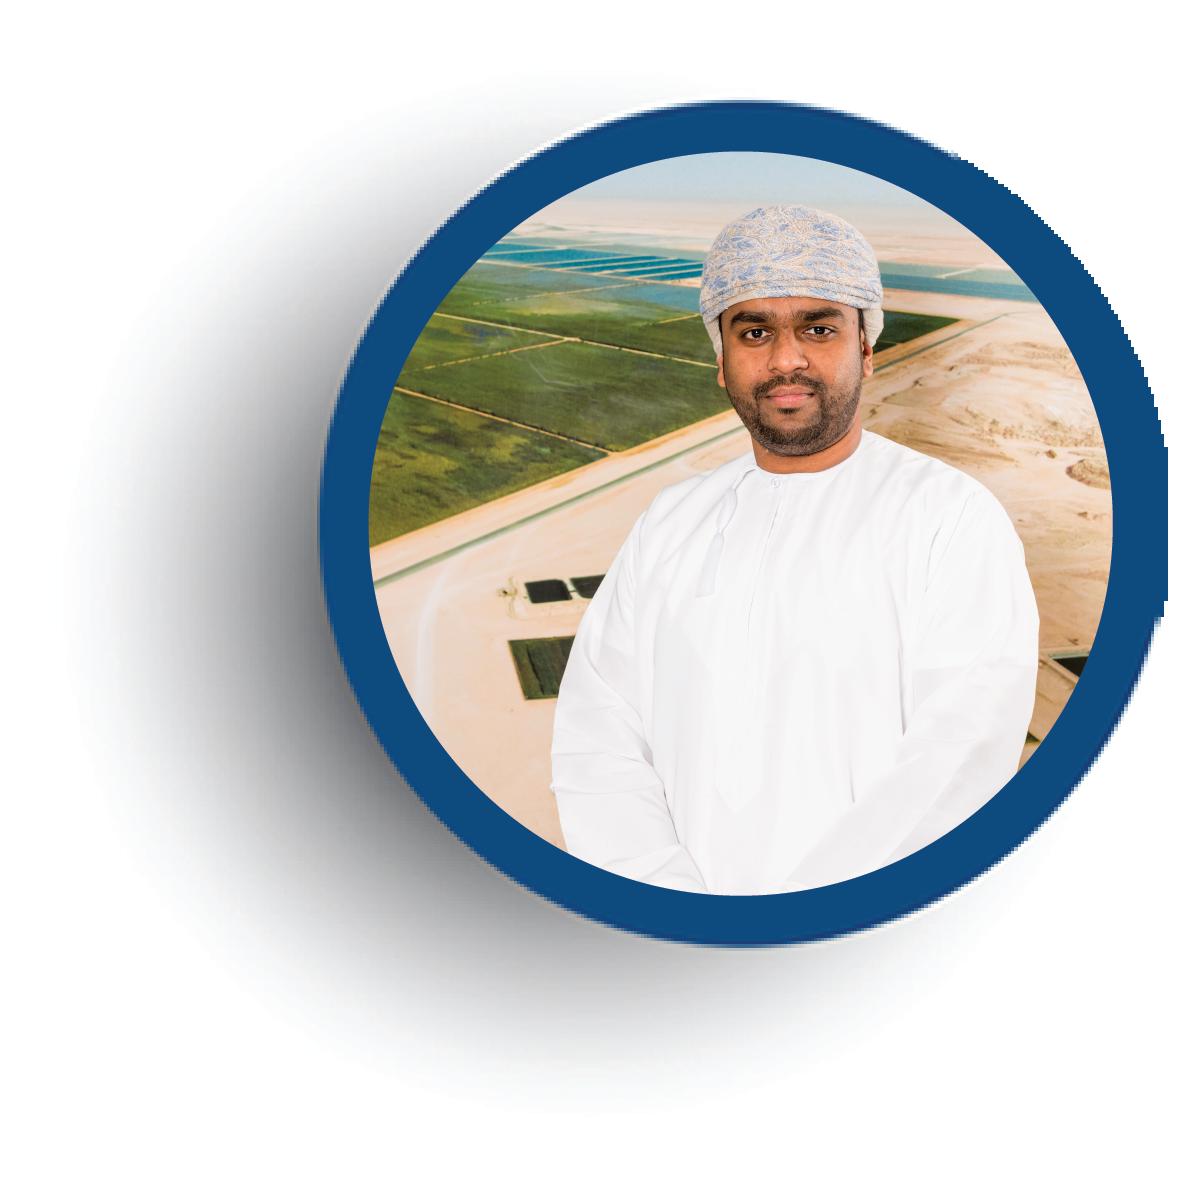 Bauer Board Members with circles_Fahad Khamis Abdullah Al Bulushi